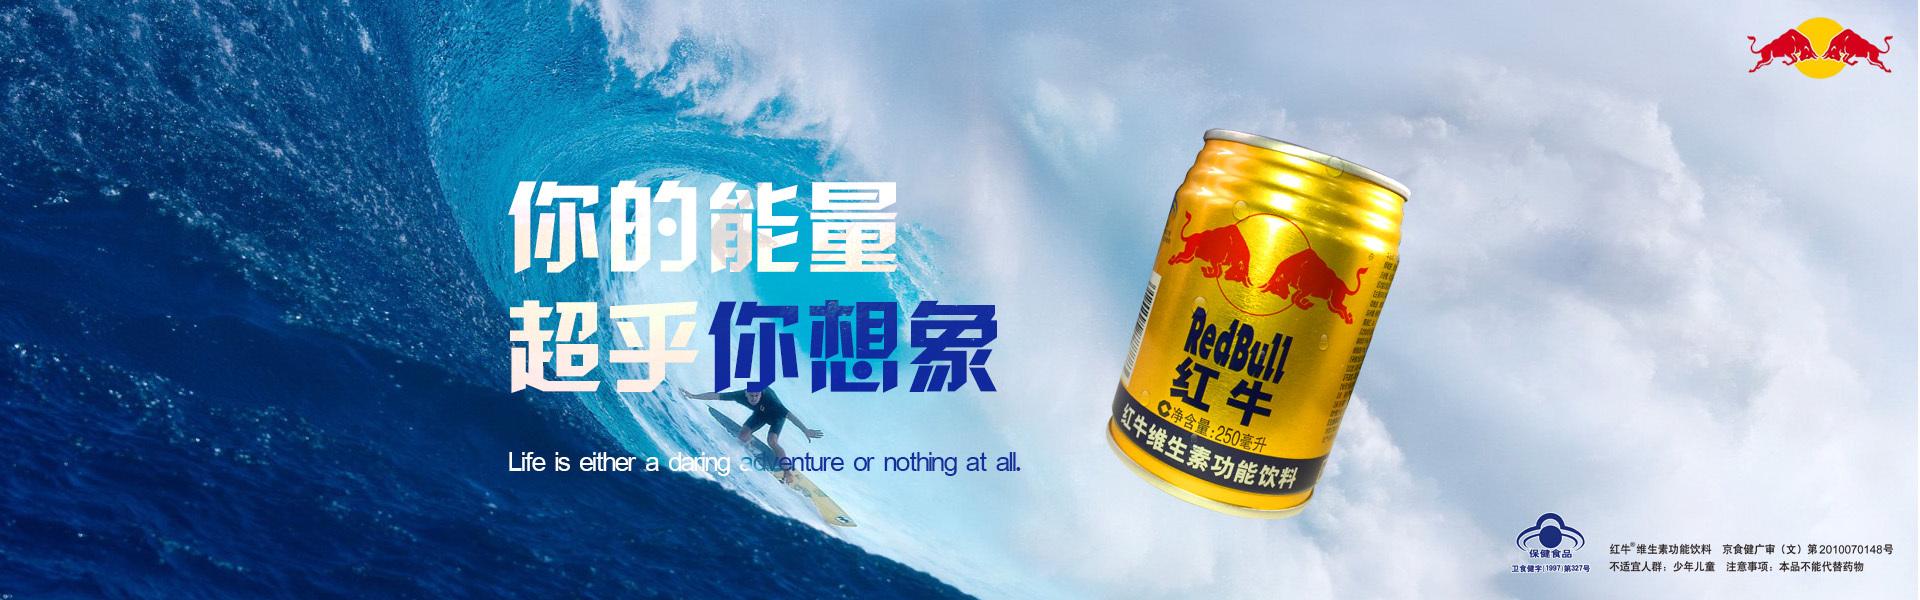 红牛banner